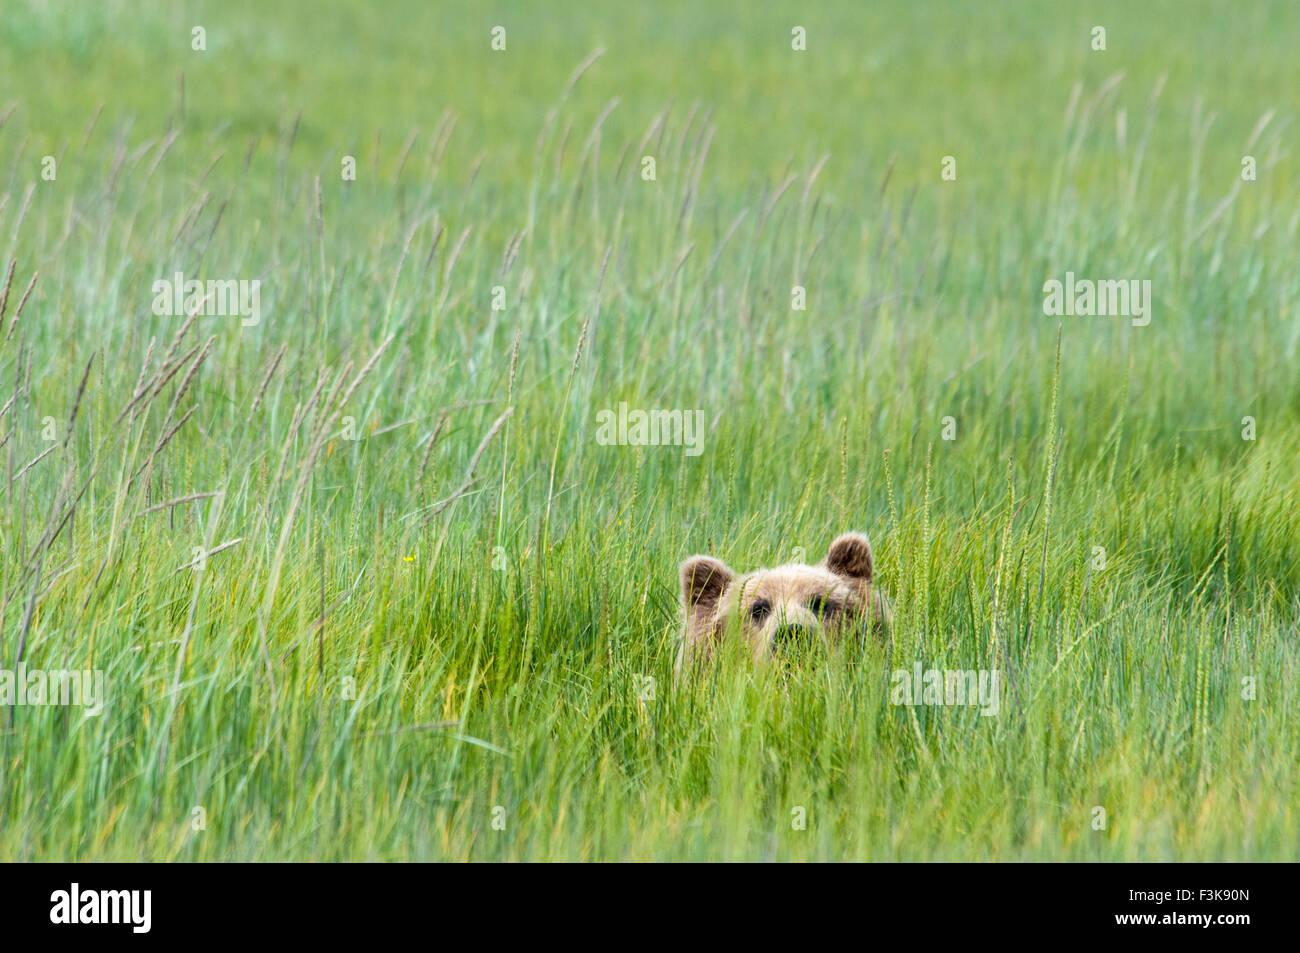 Adulto Orso grizzly, Ursus arctos, spiata da carici verde erba, il Parco Nazionale del Lago Clark, Alaska, STATI Immagini Stock